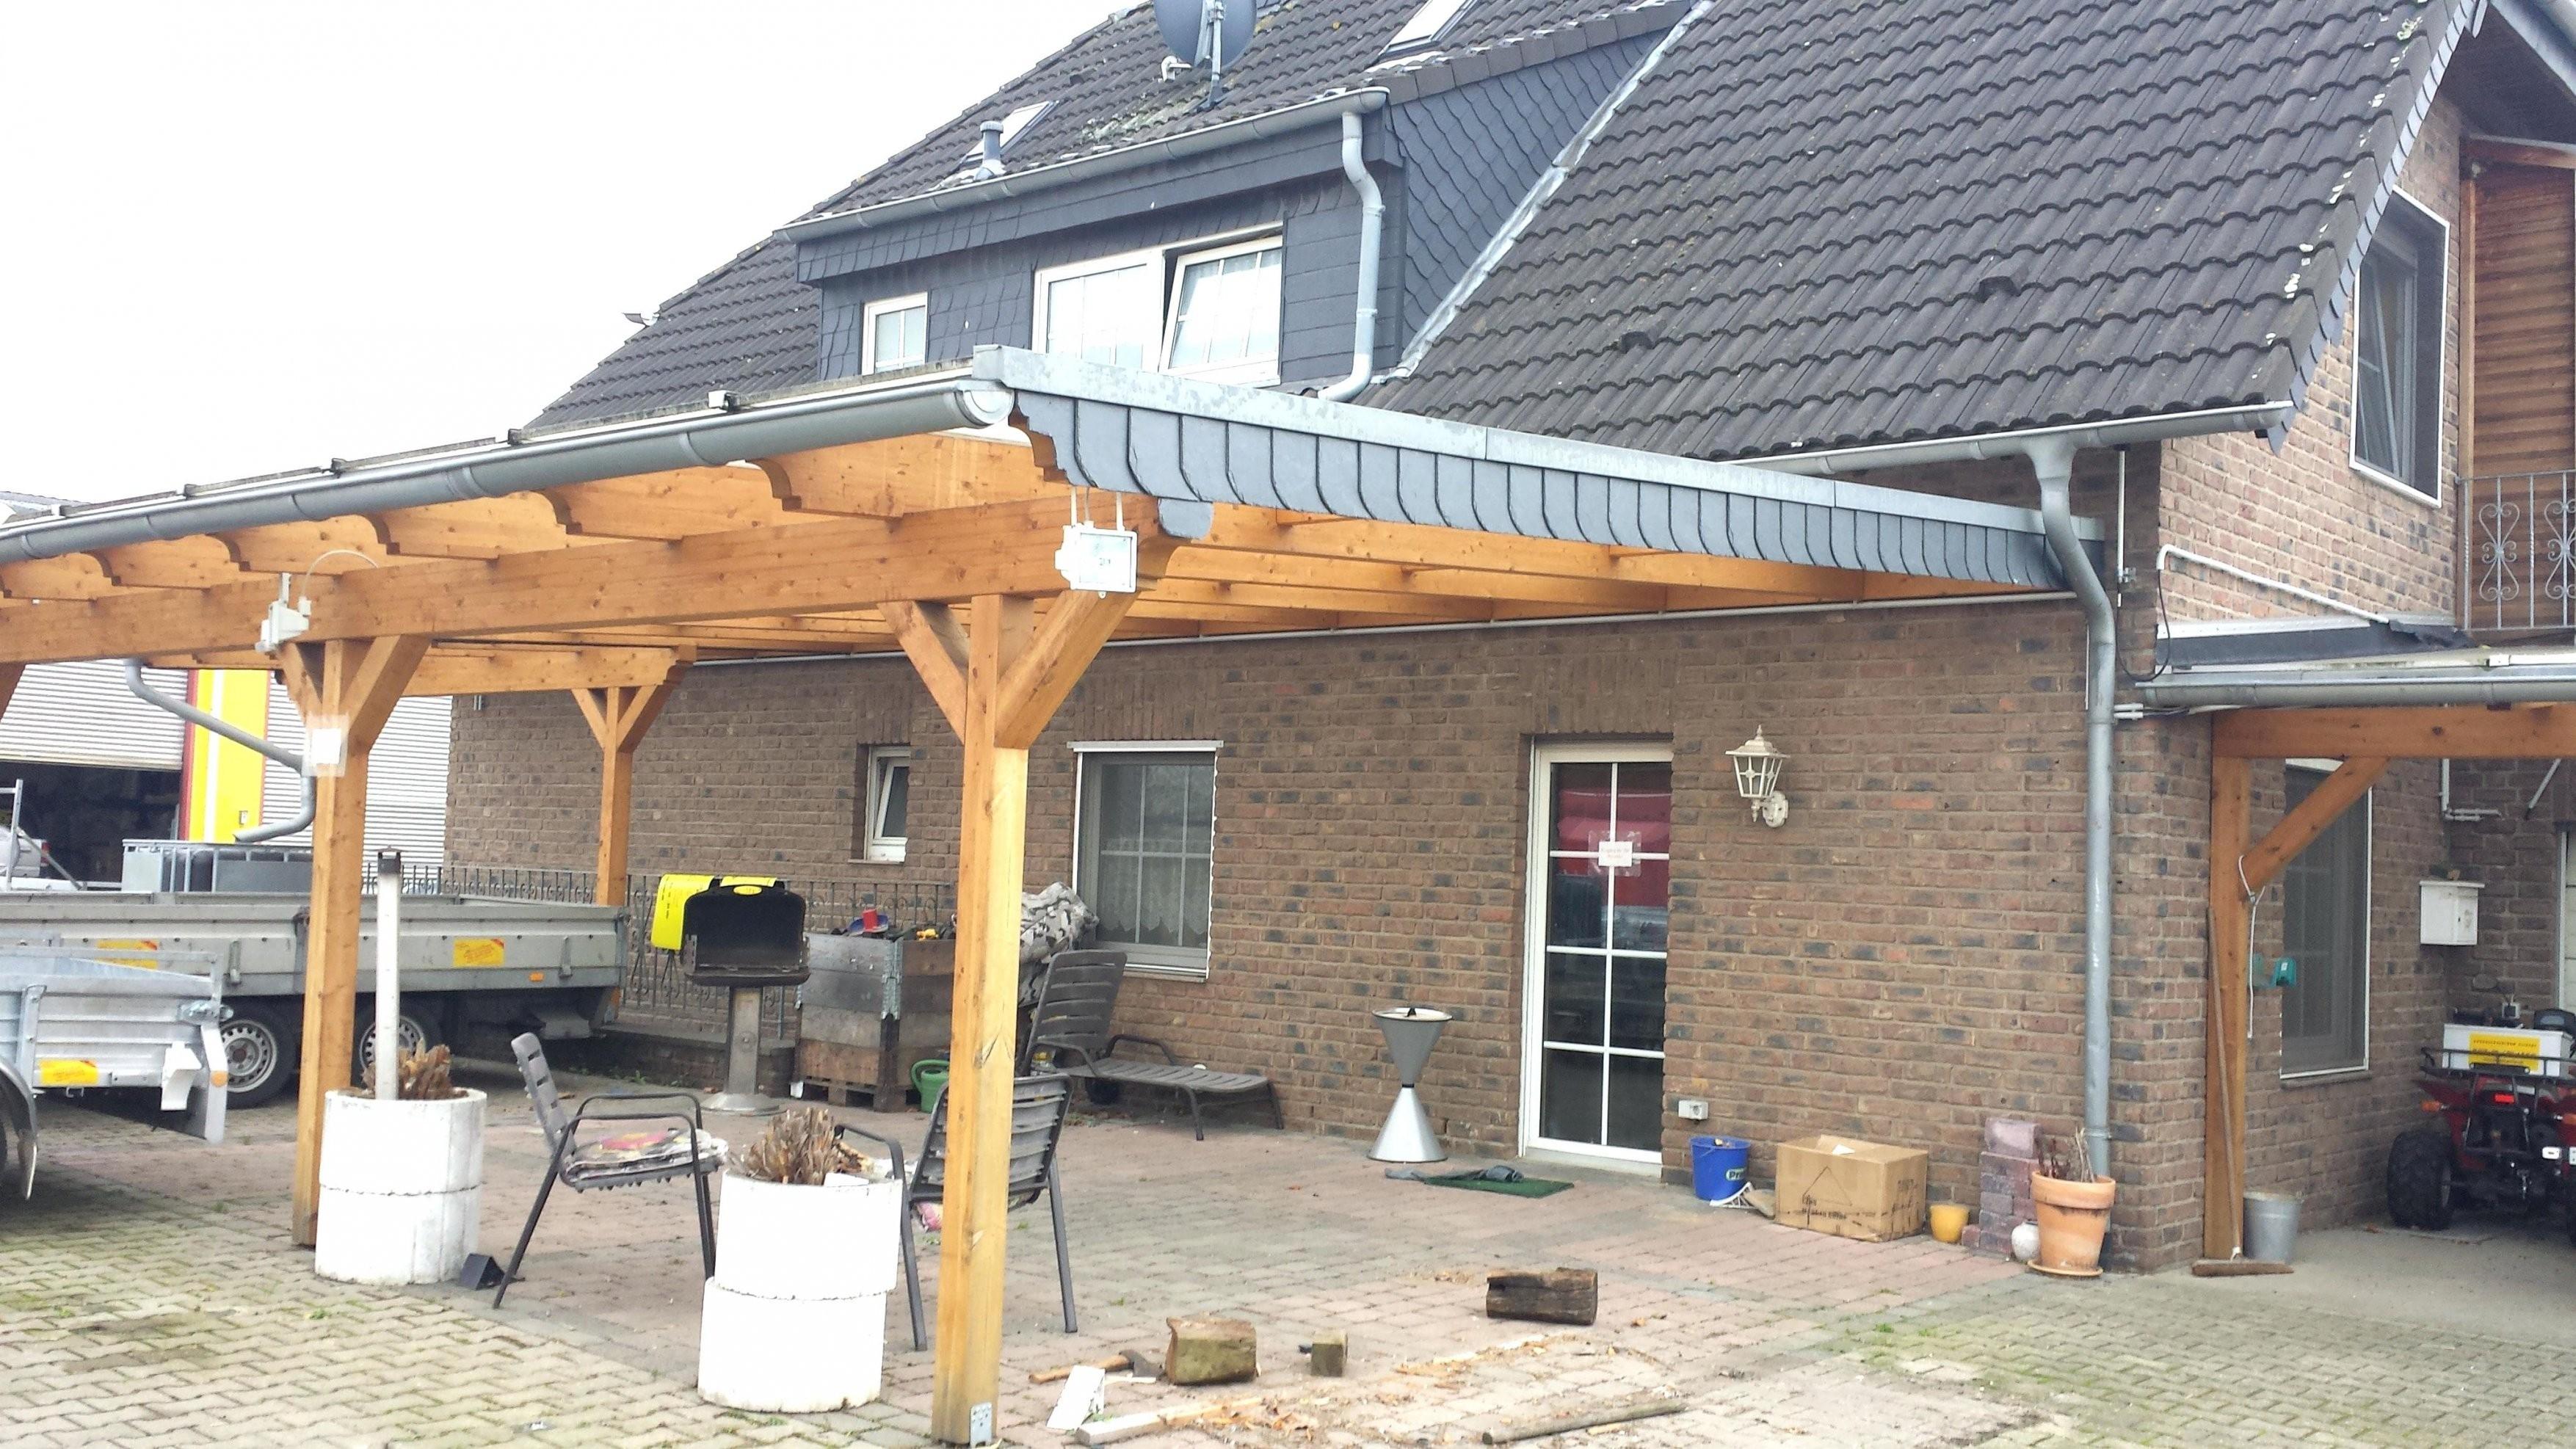 Uberdachung Hauseingang Vordach A Ber Aus Stahl Und Glas Selber Bauen von Vordach Terrasse Selber Bauen Photo